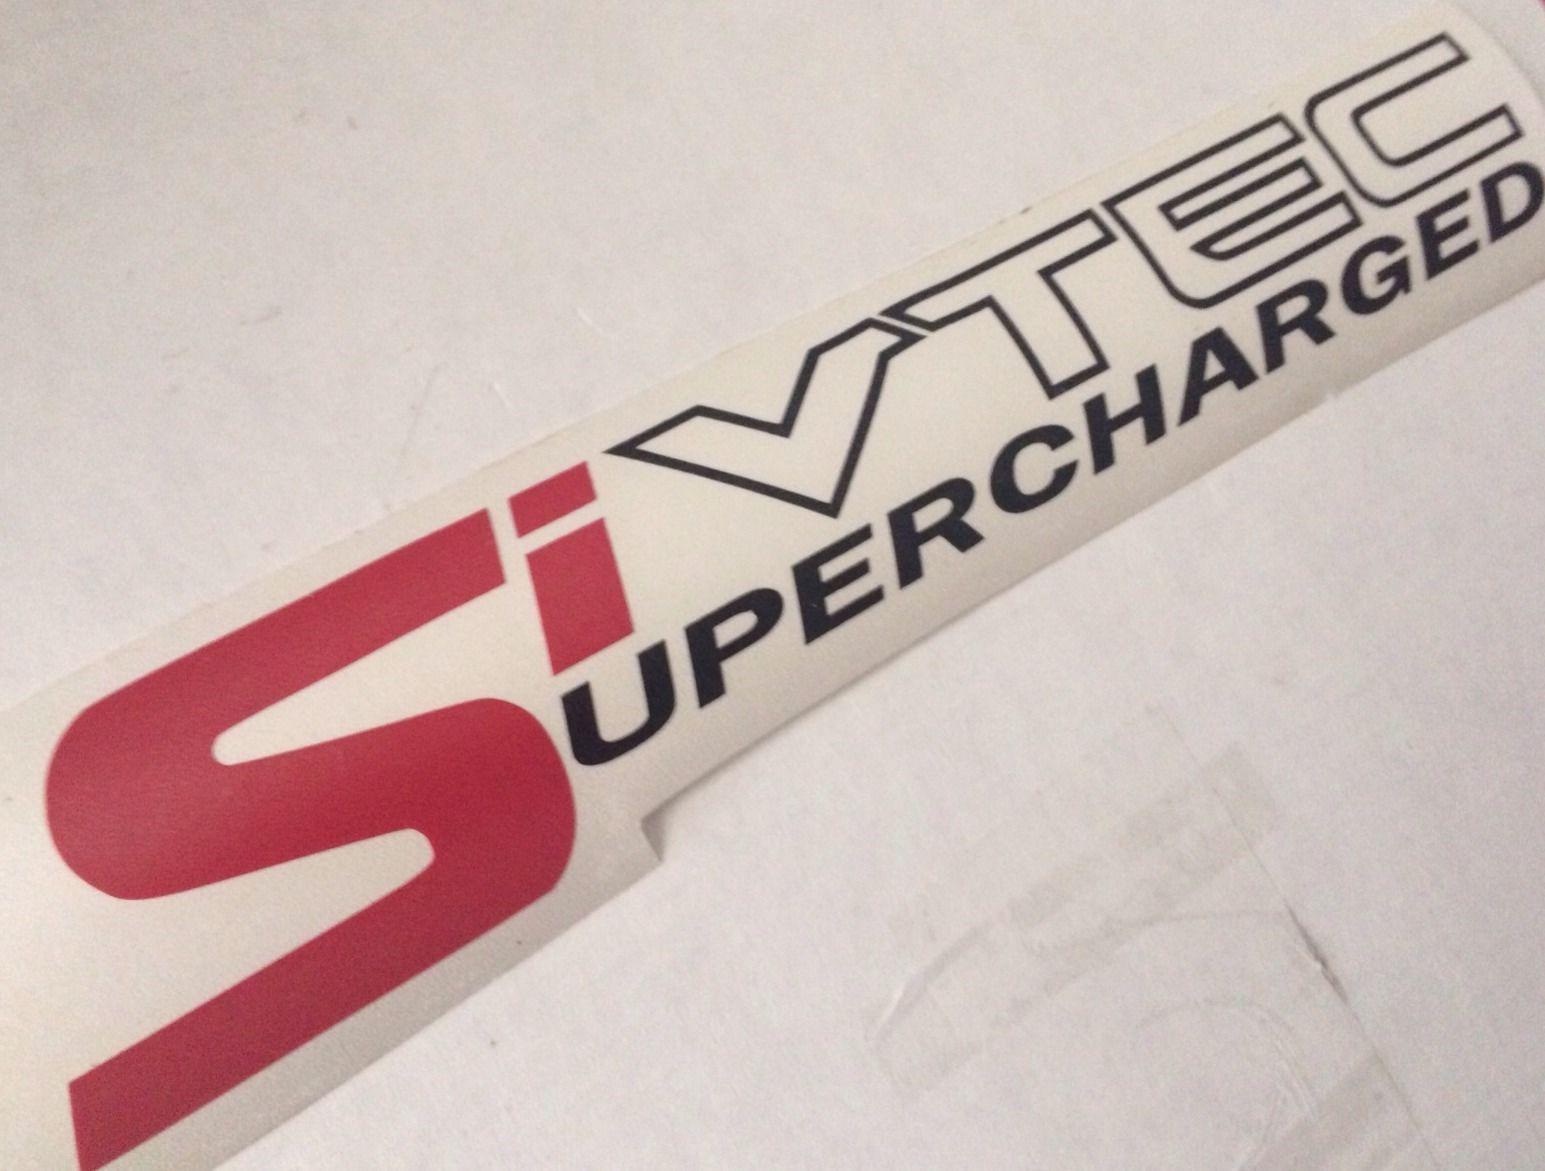 2 Si Vtec Supercharged Decals Honda Civic Accord Stickers Vtec Honda Civic Honda [ 1171 x 1545 Pixel ]